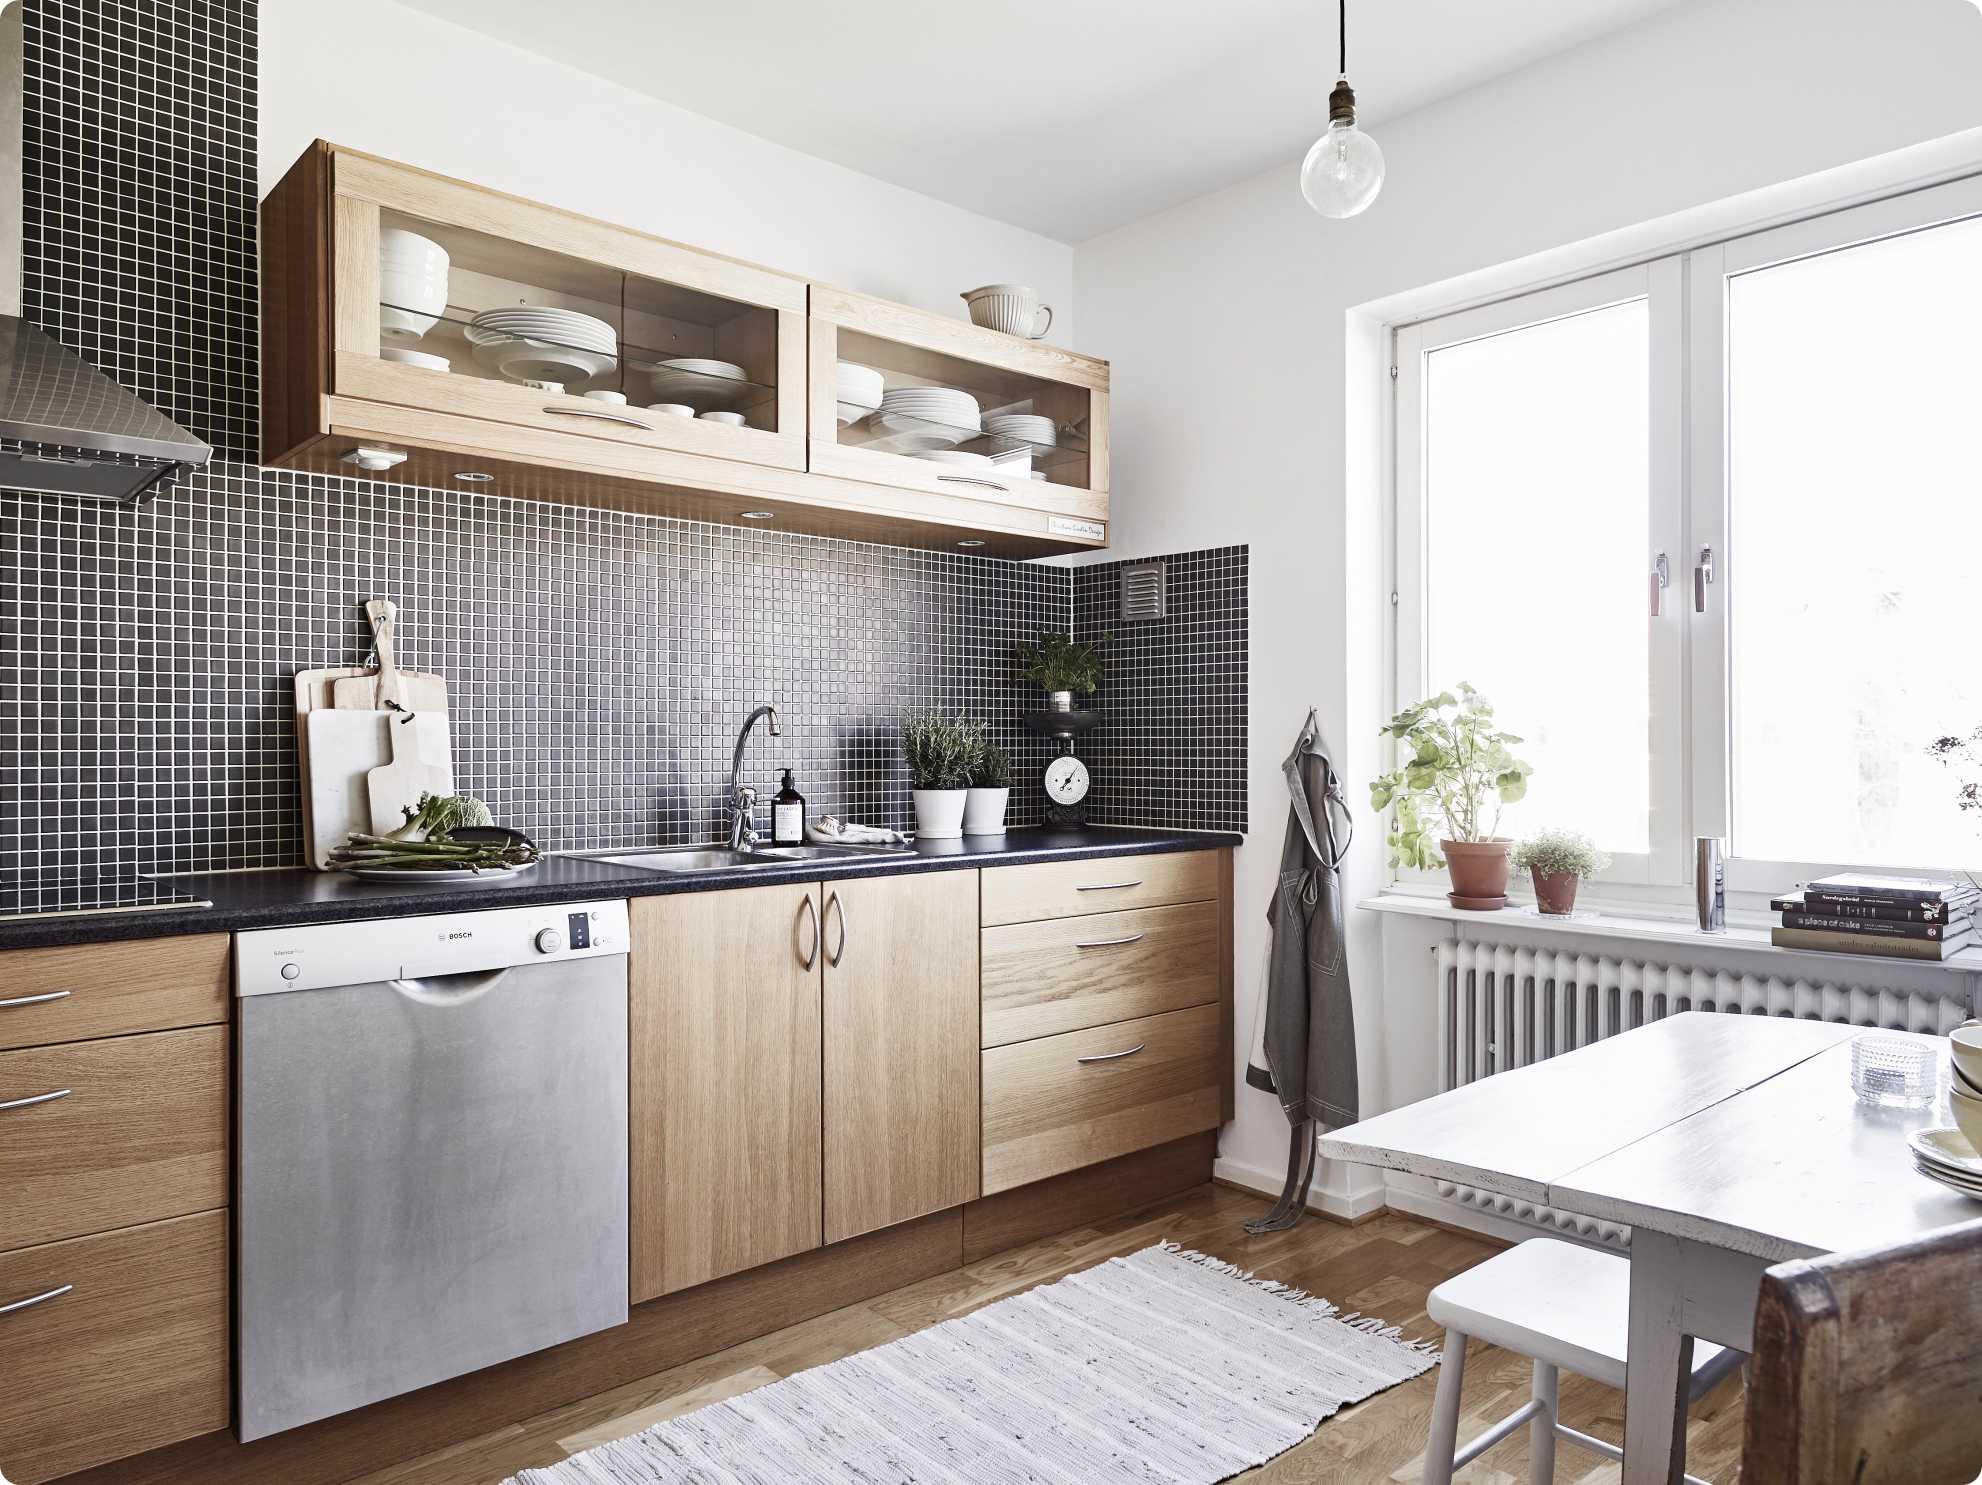 Deco cuisine blanc gris bois maison et - Cuisine bois gris clair ...